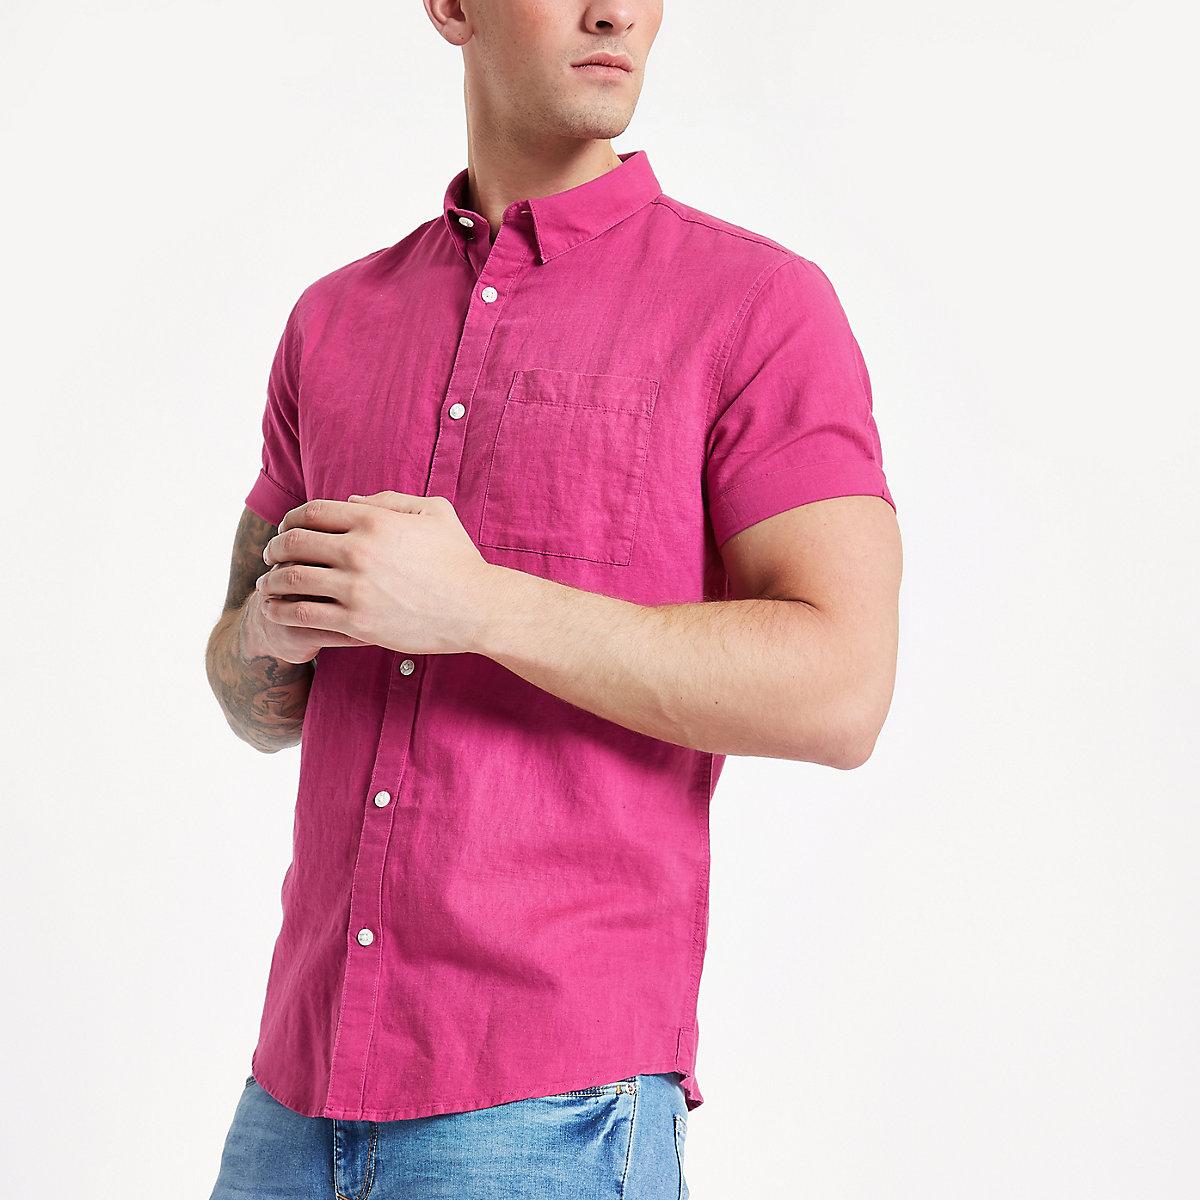 Pink linen short sleeve shirt